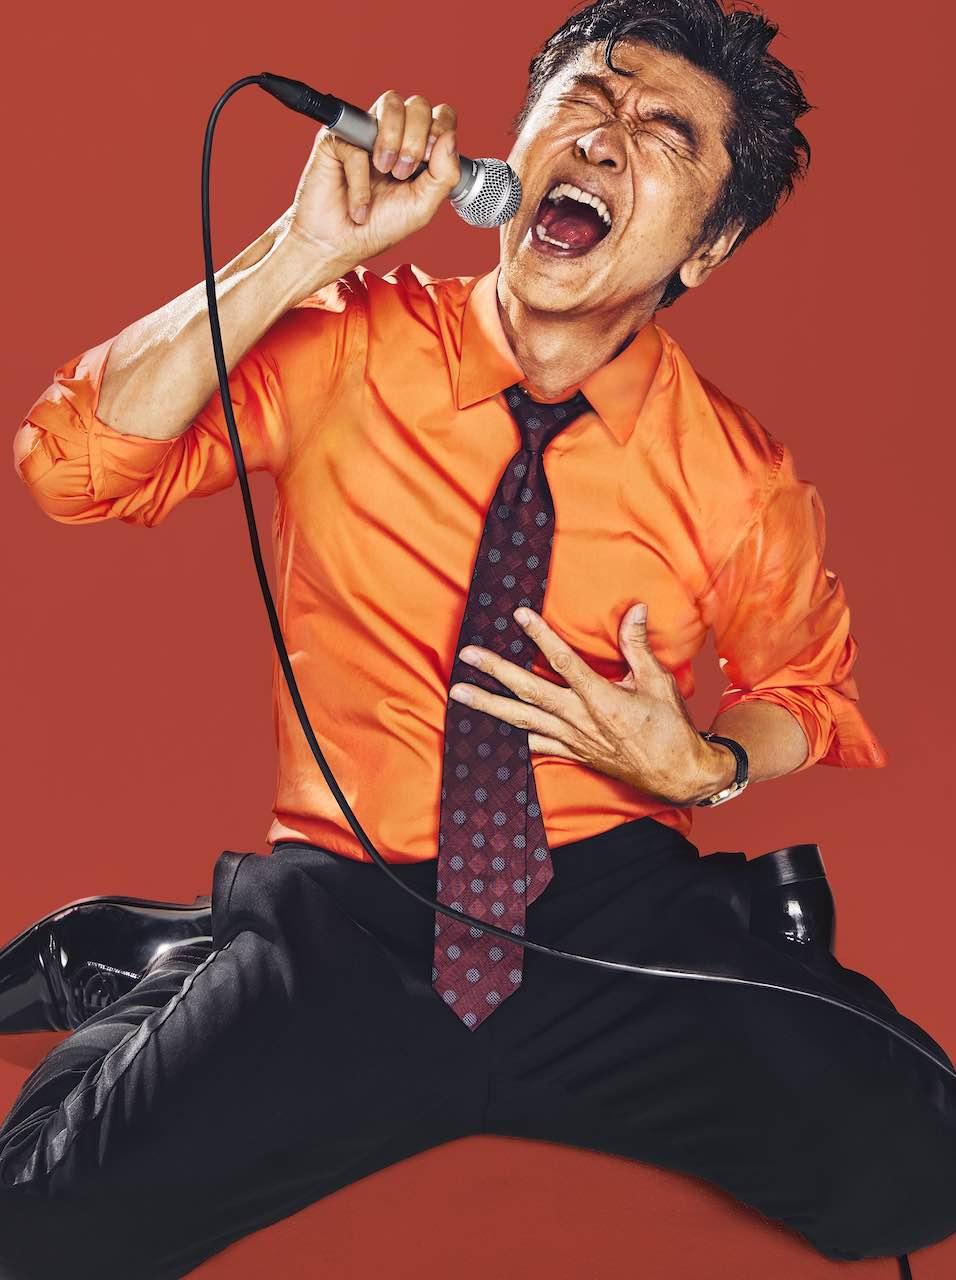 桑田佳祐、話題の桑田流歌謡ソウル・ポップス「Soulコブラツイスト〜魂の悶絶」MVプレミア公開決定!